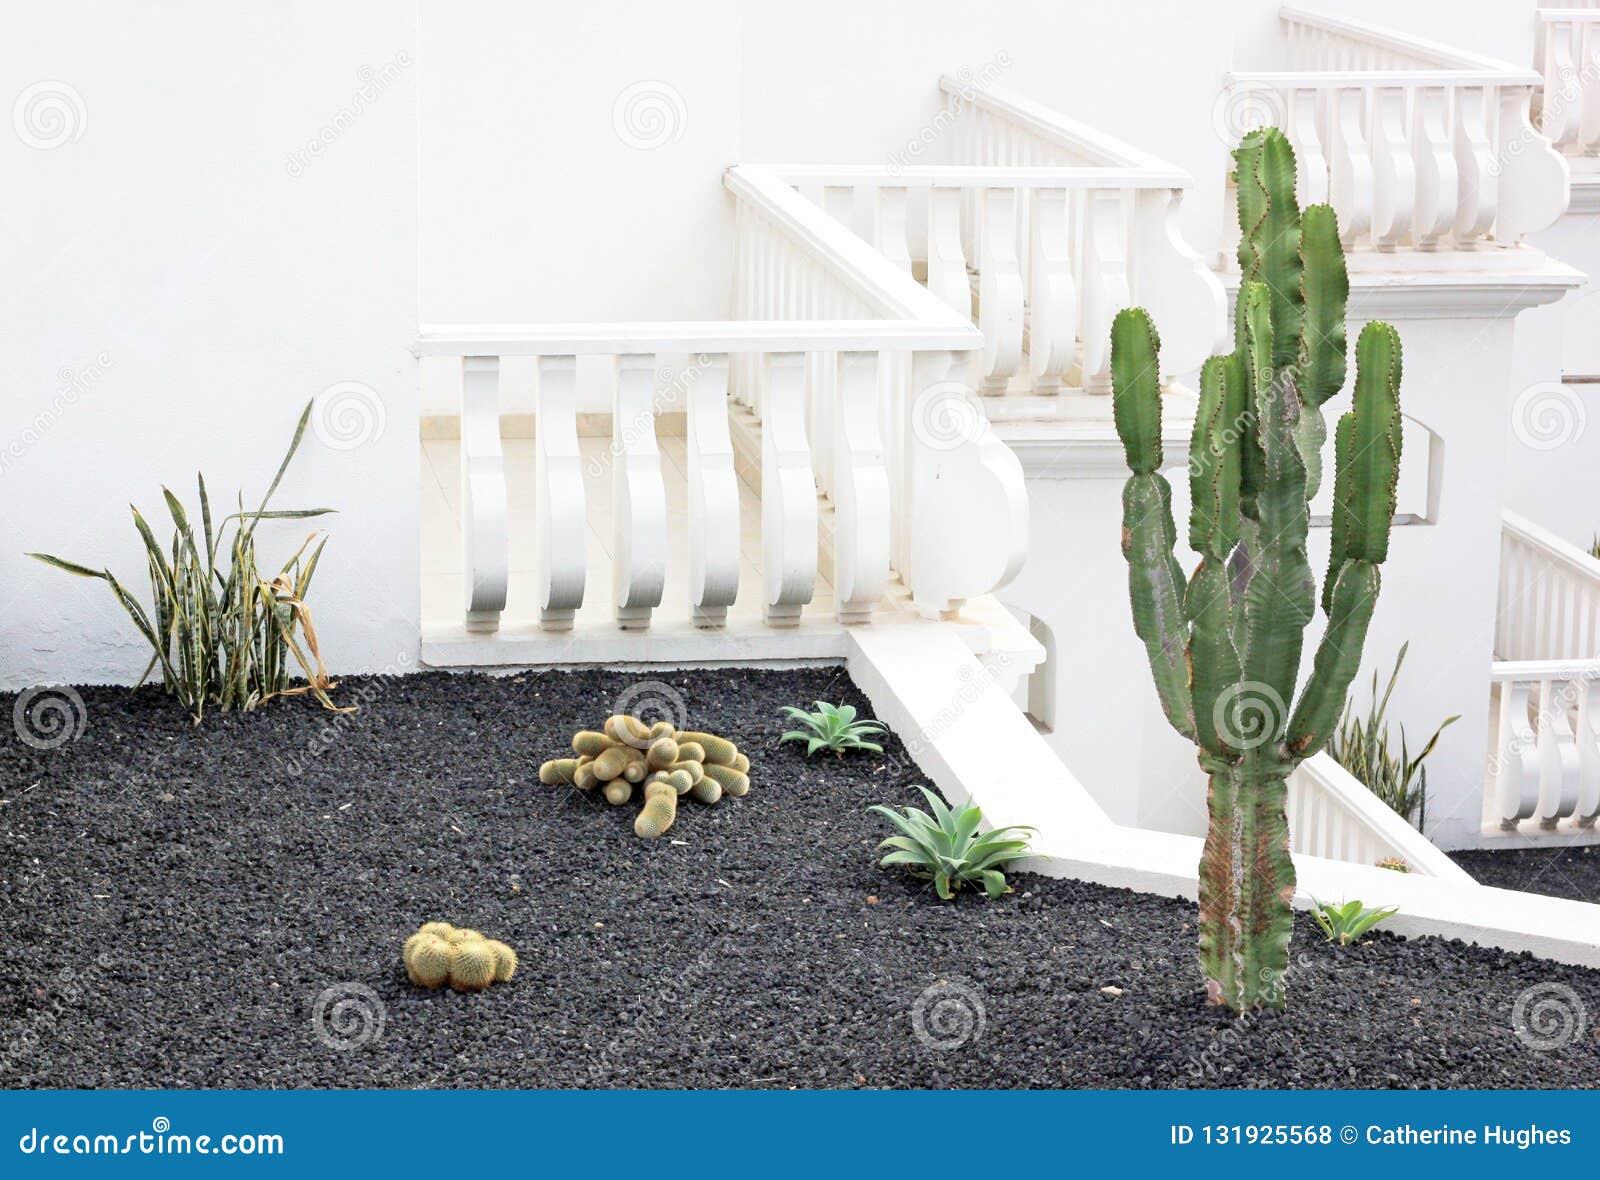 Diversa Especie Del Cactus En Un Jardín De La Terraza Foto